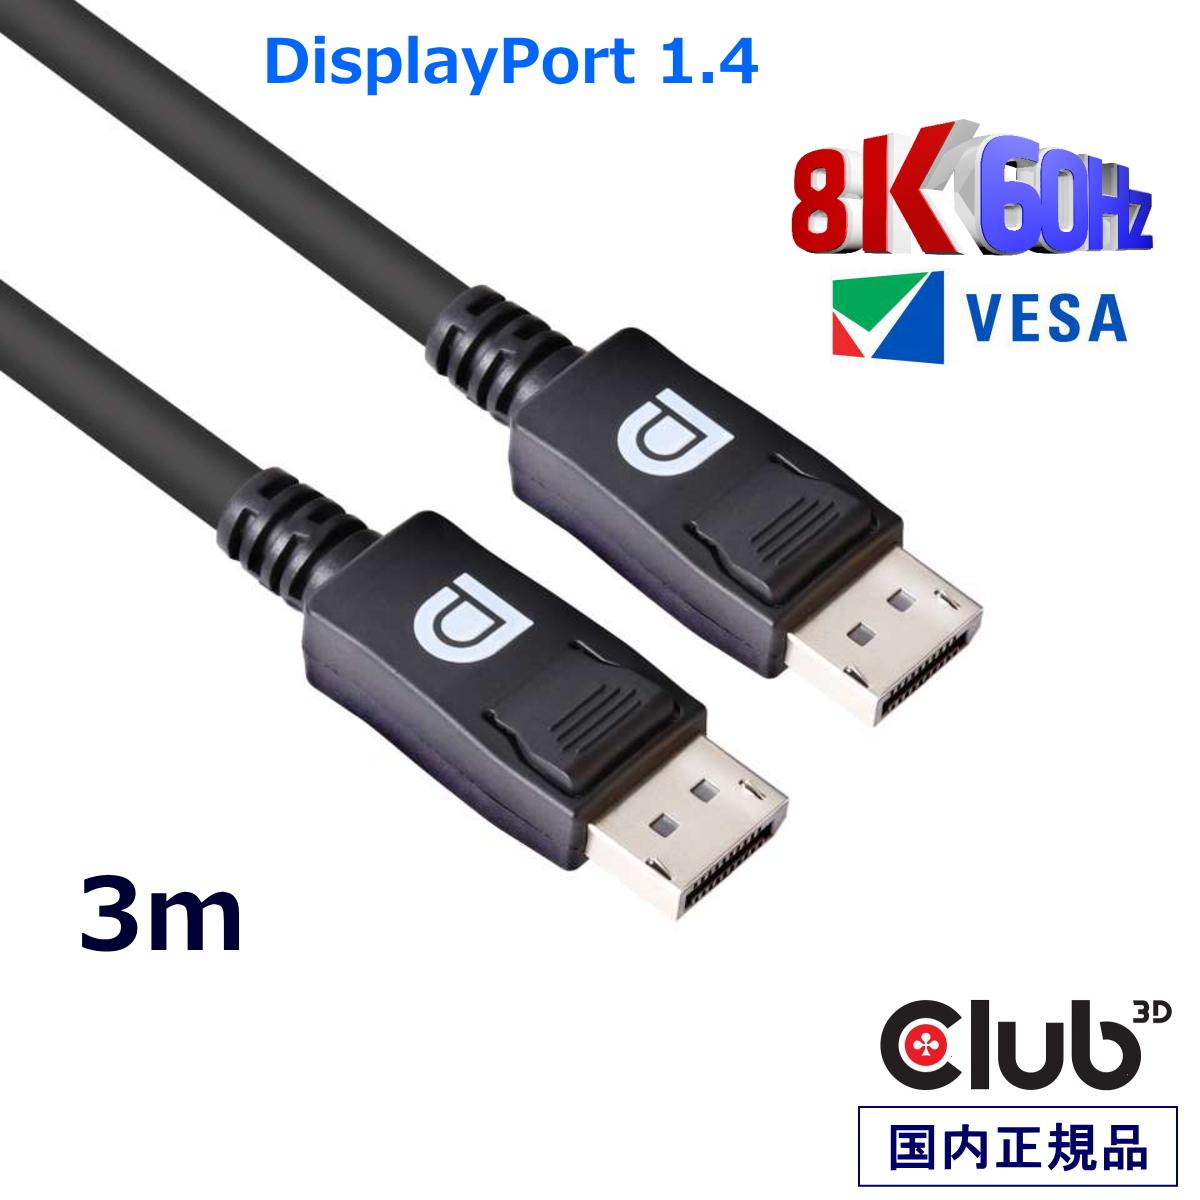 別倉庫からの配送 ゲーミングモニター 240Hz に対応 VESA認証 DisplayPort 1.4 ケーブル 国内正規品 Club3D HBR3 High 3 3m Male 60Hz Bit CAC-1060 ディスプレイ 流行 Cable 8K Rate 28AWG